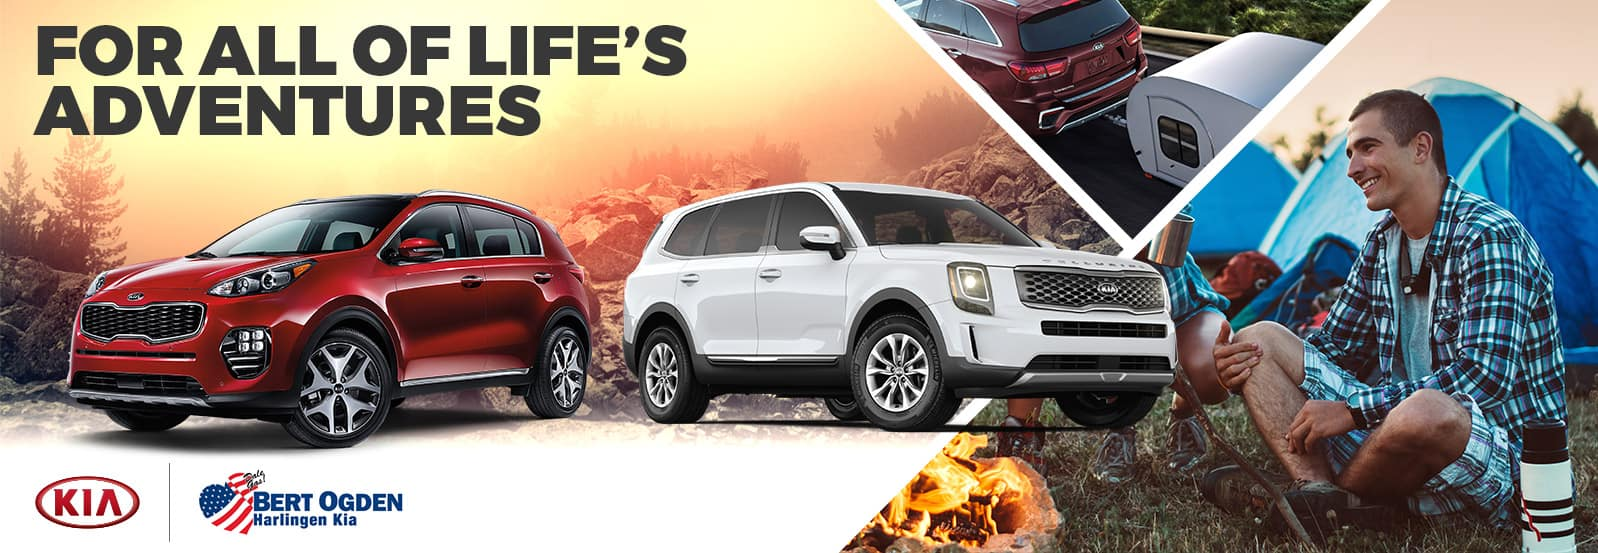 Vehicles for Weekend Adventurers | Bert Ogden Harlingen Kia | Harlingen, TX